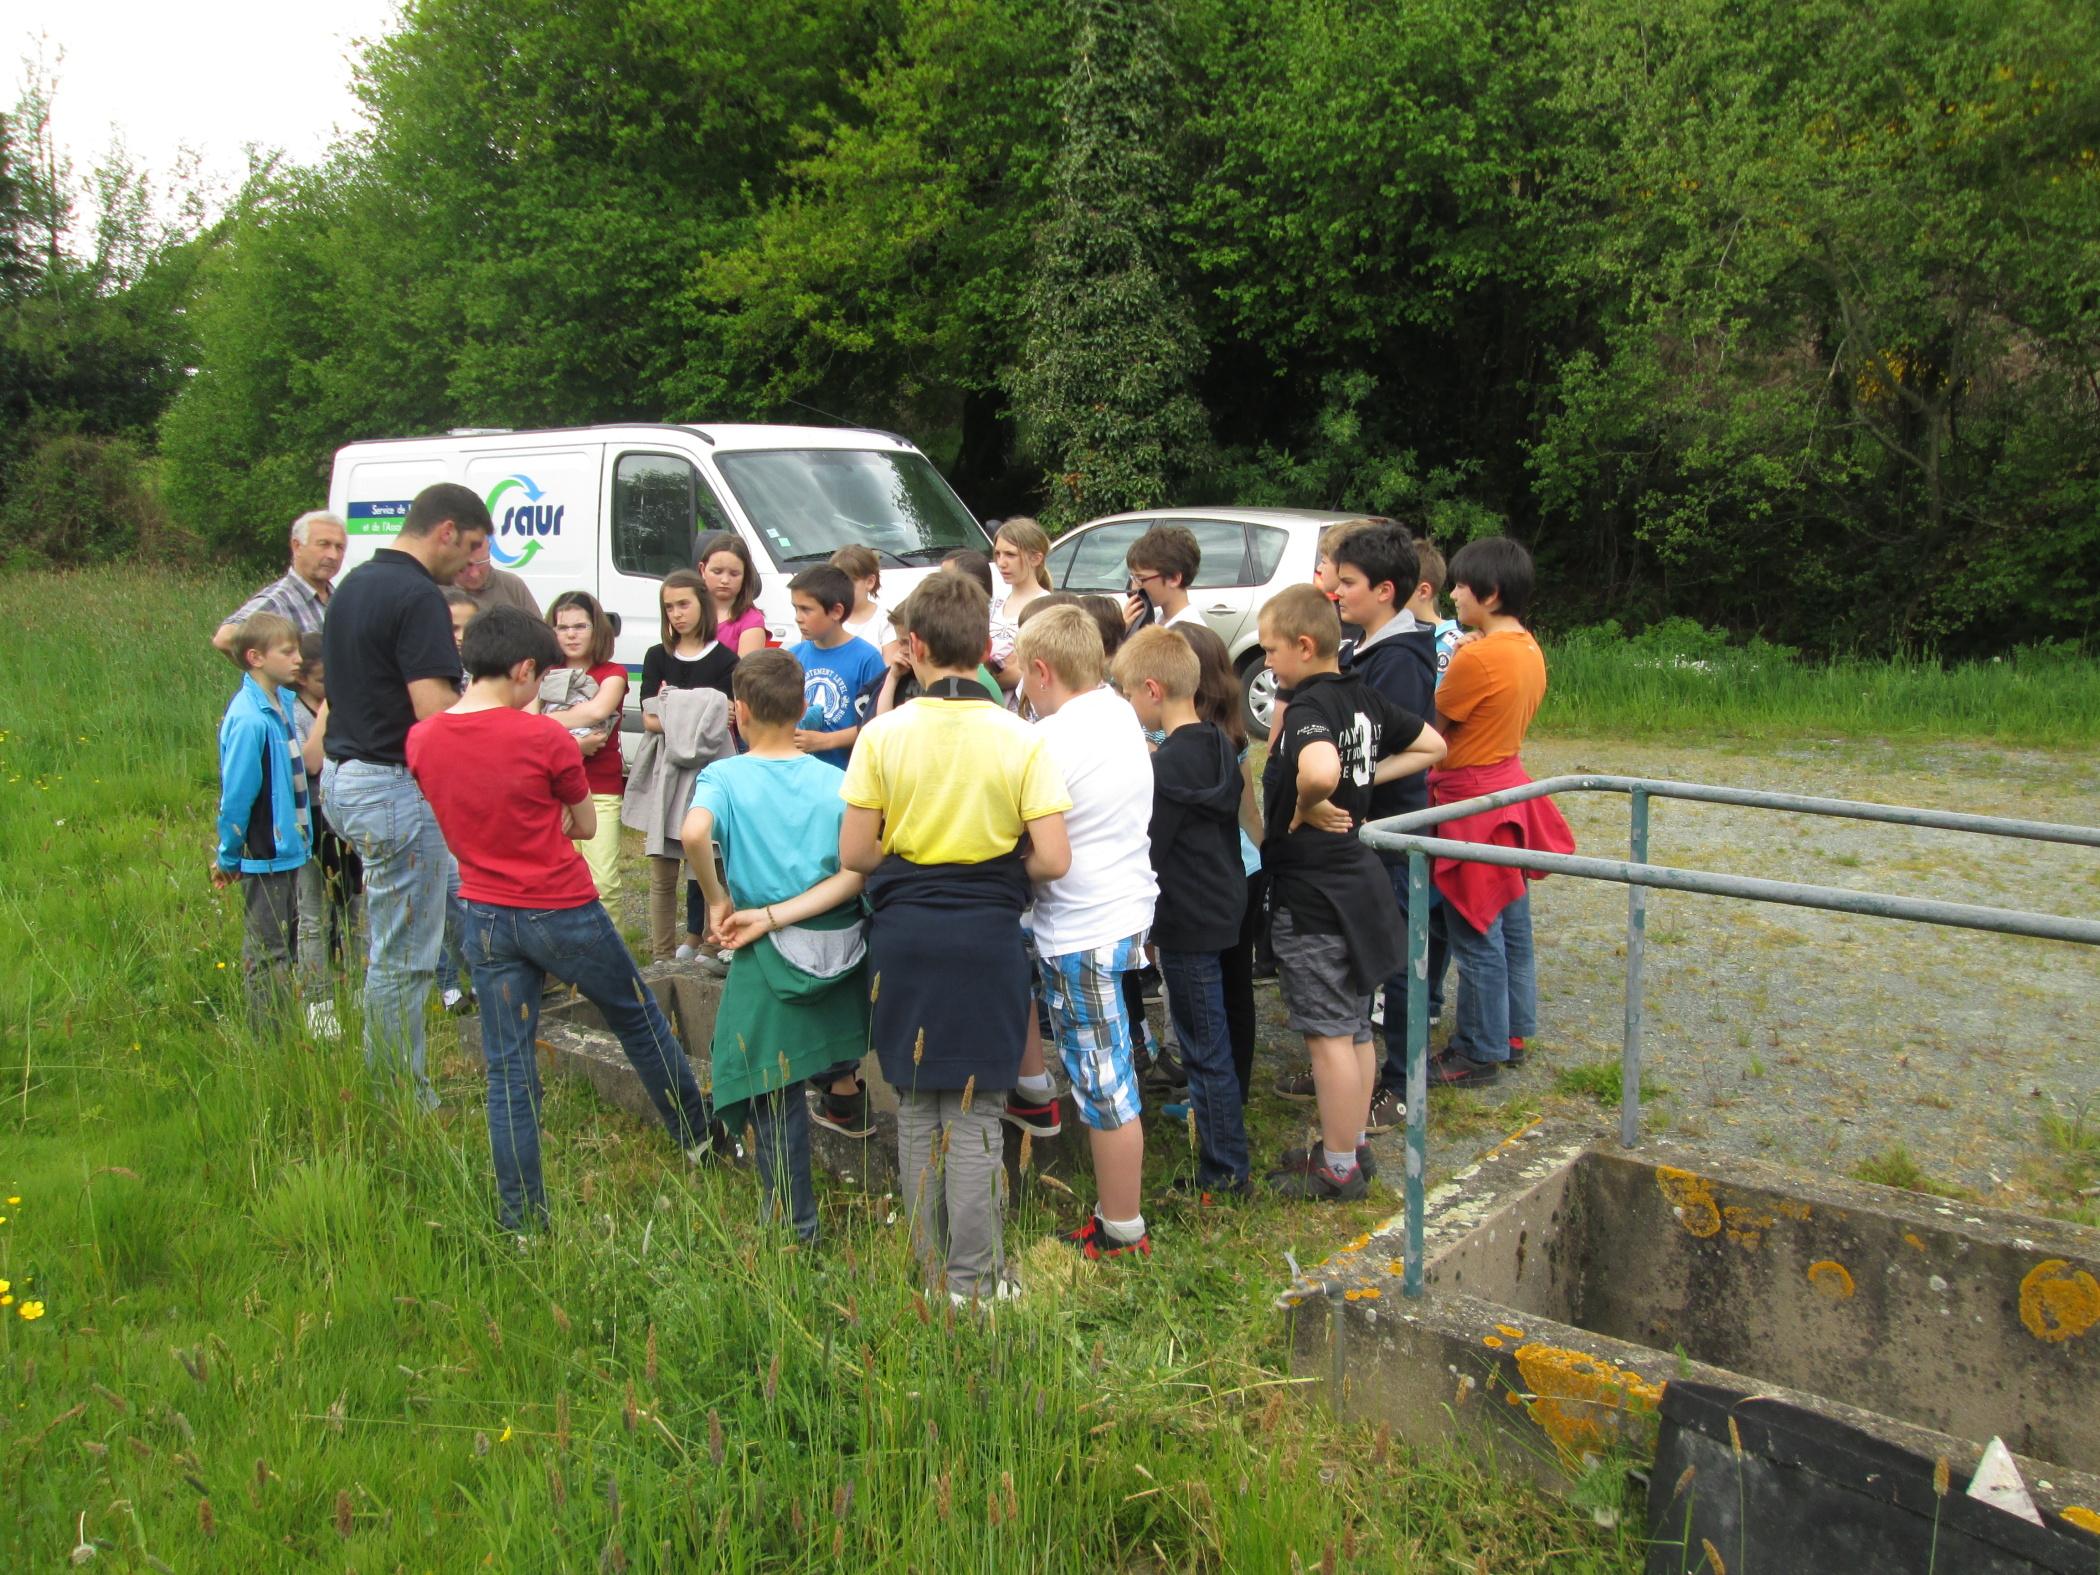 Les CM2 visitent la station d'épuration